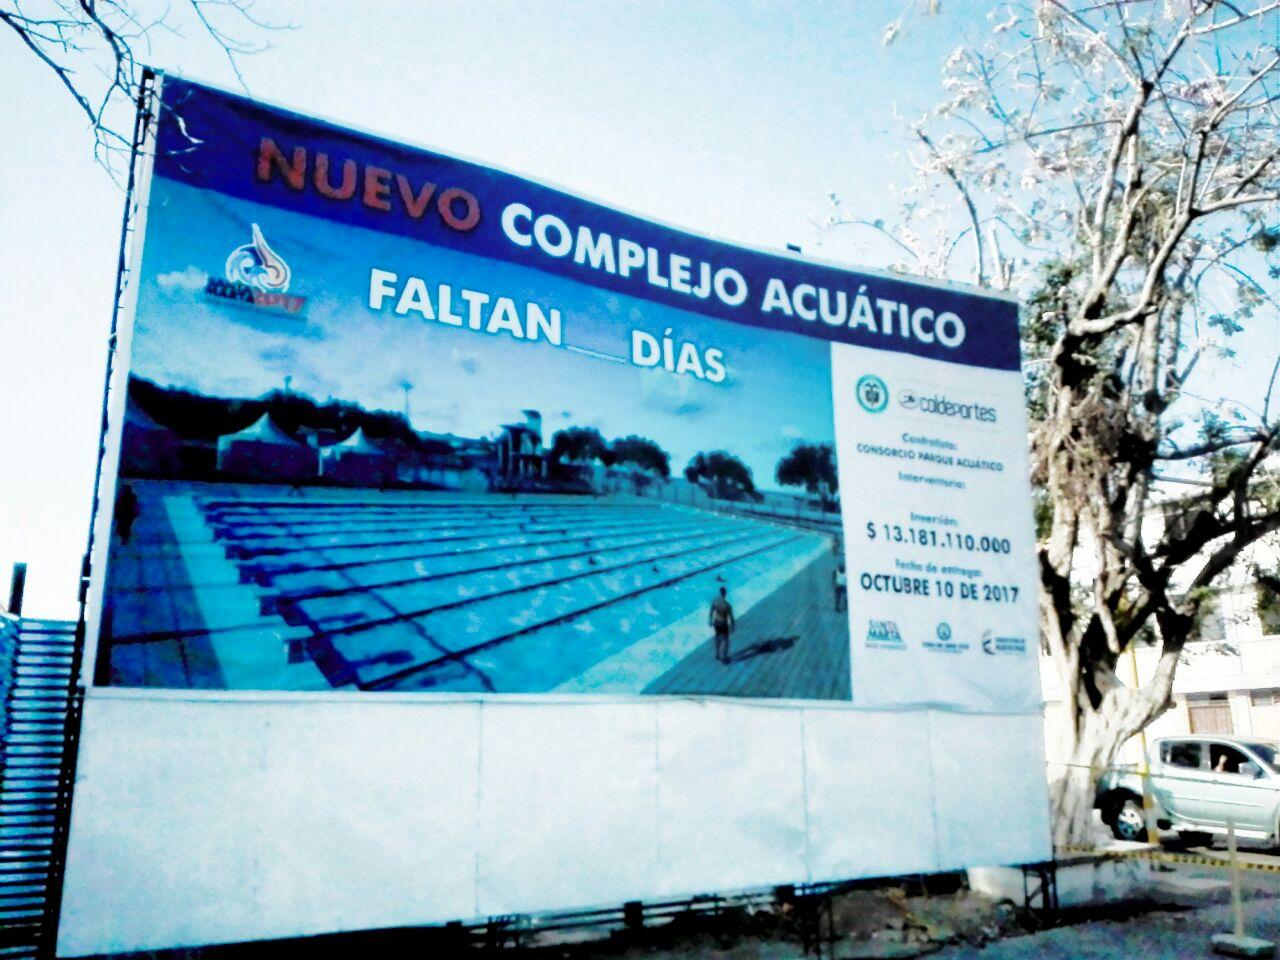 Complejo acuático (piscina olímpica). NO tiene conteo regresivo.